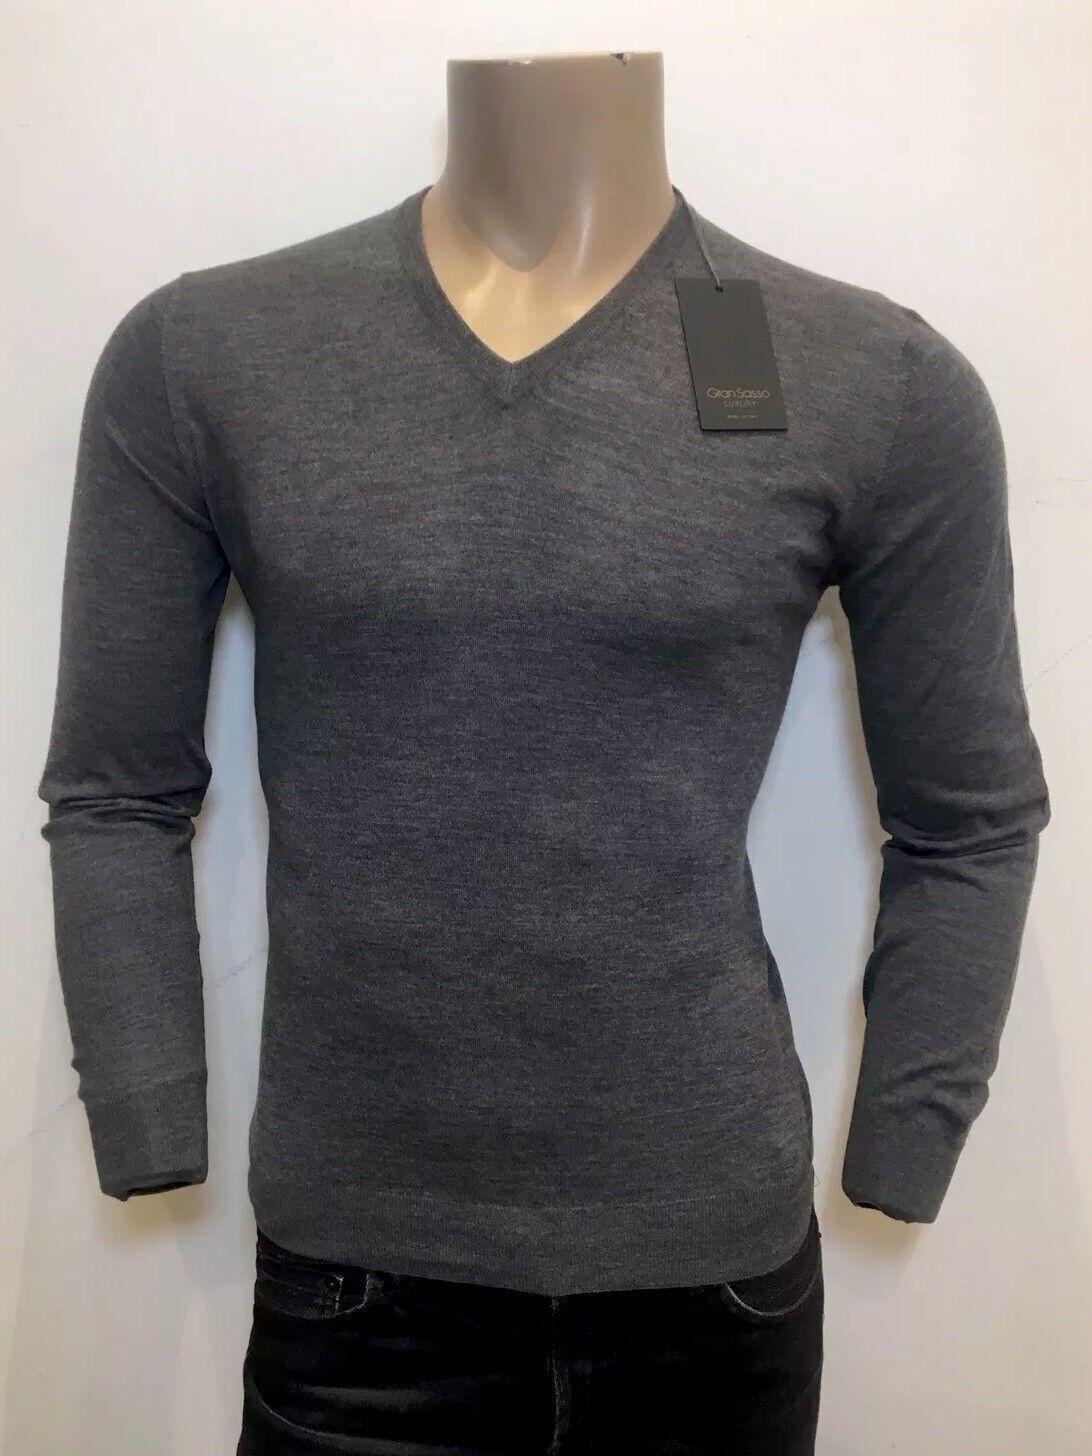 GRAN SASSO Lusso  100% cashmere grigio V-Neck Sweater Maglione Rrp  .00